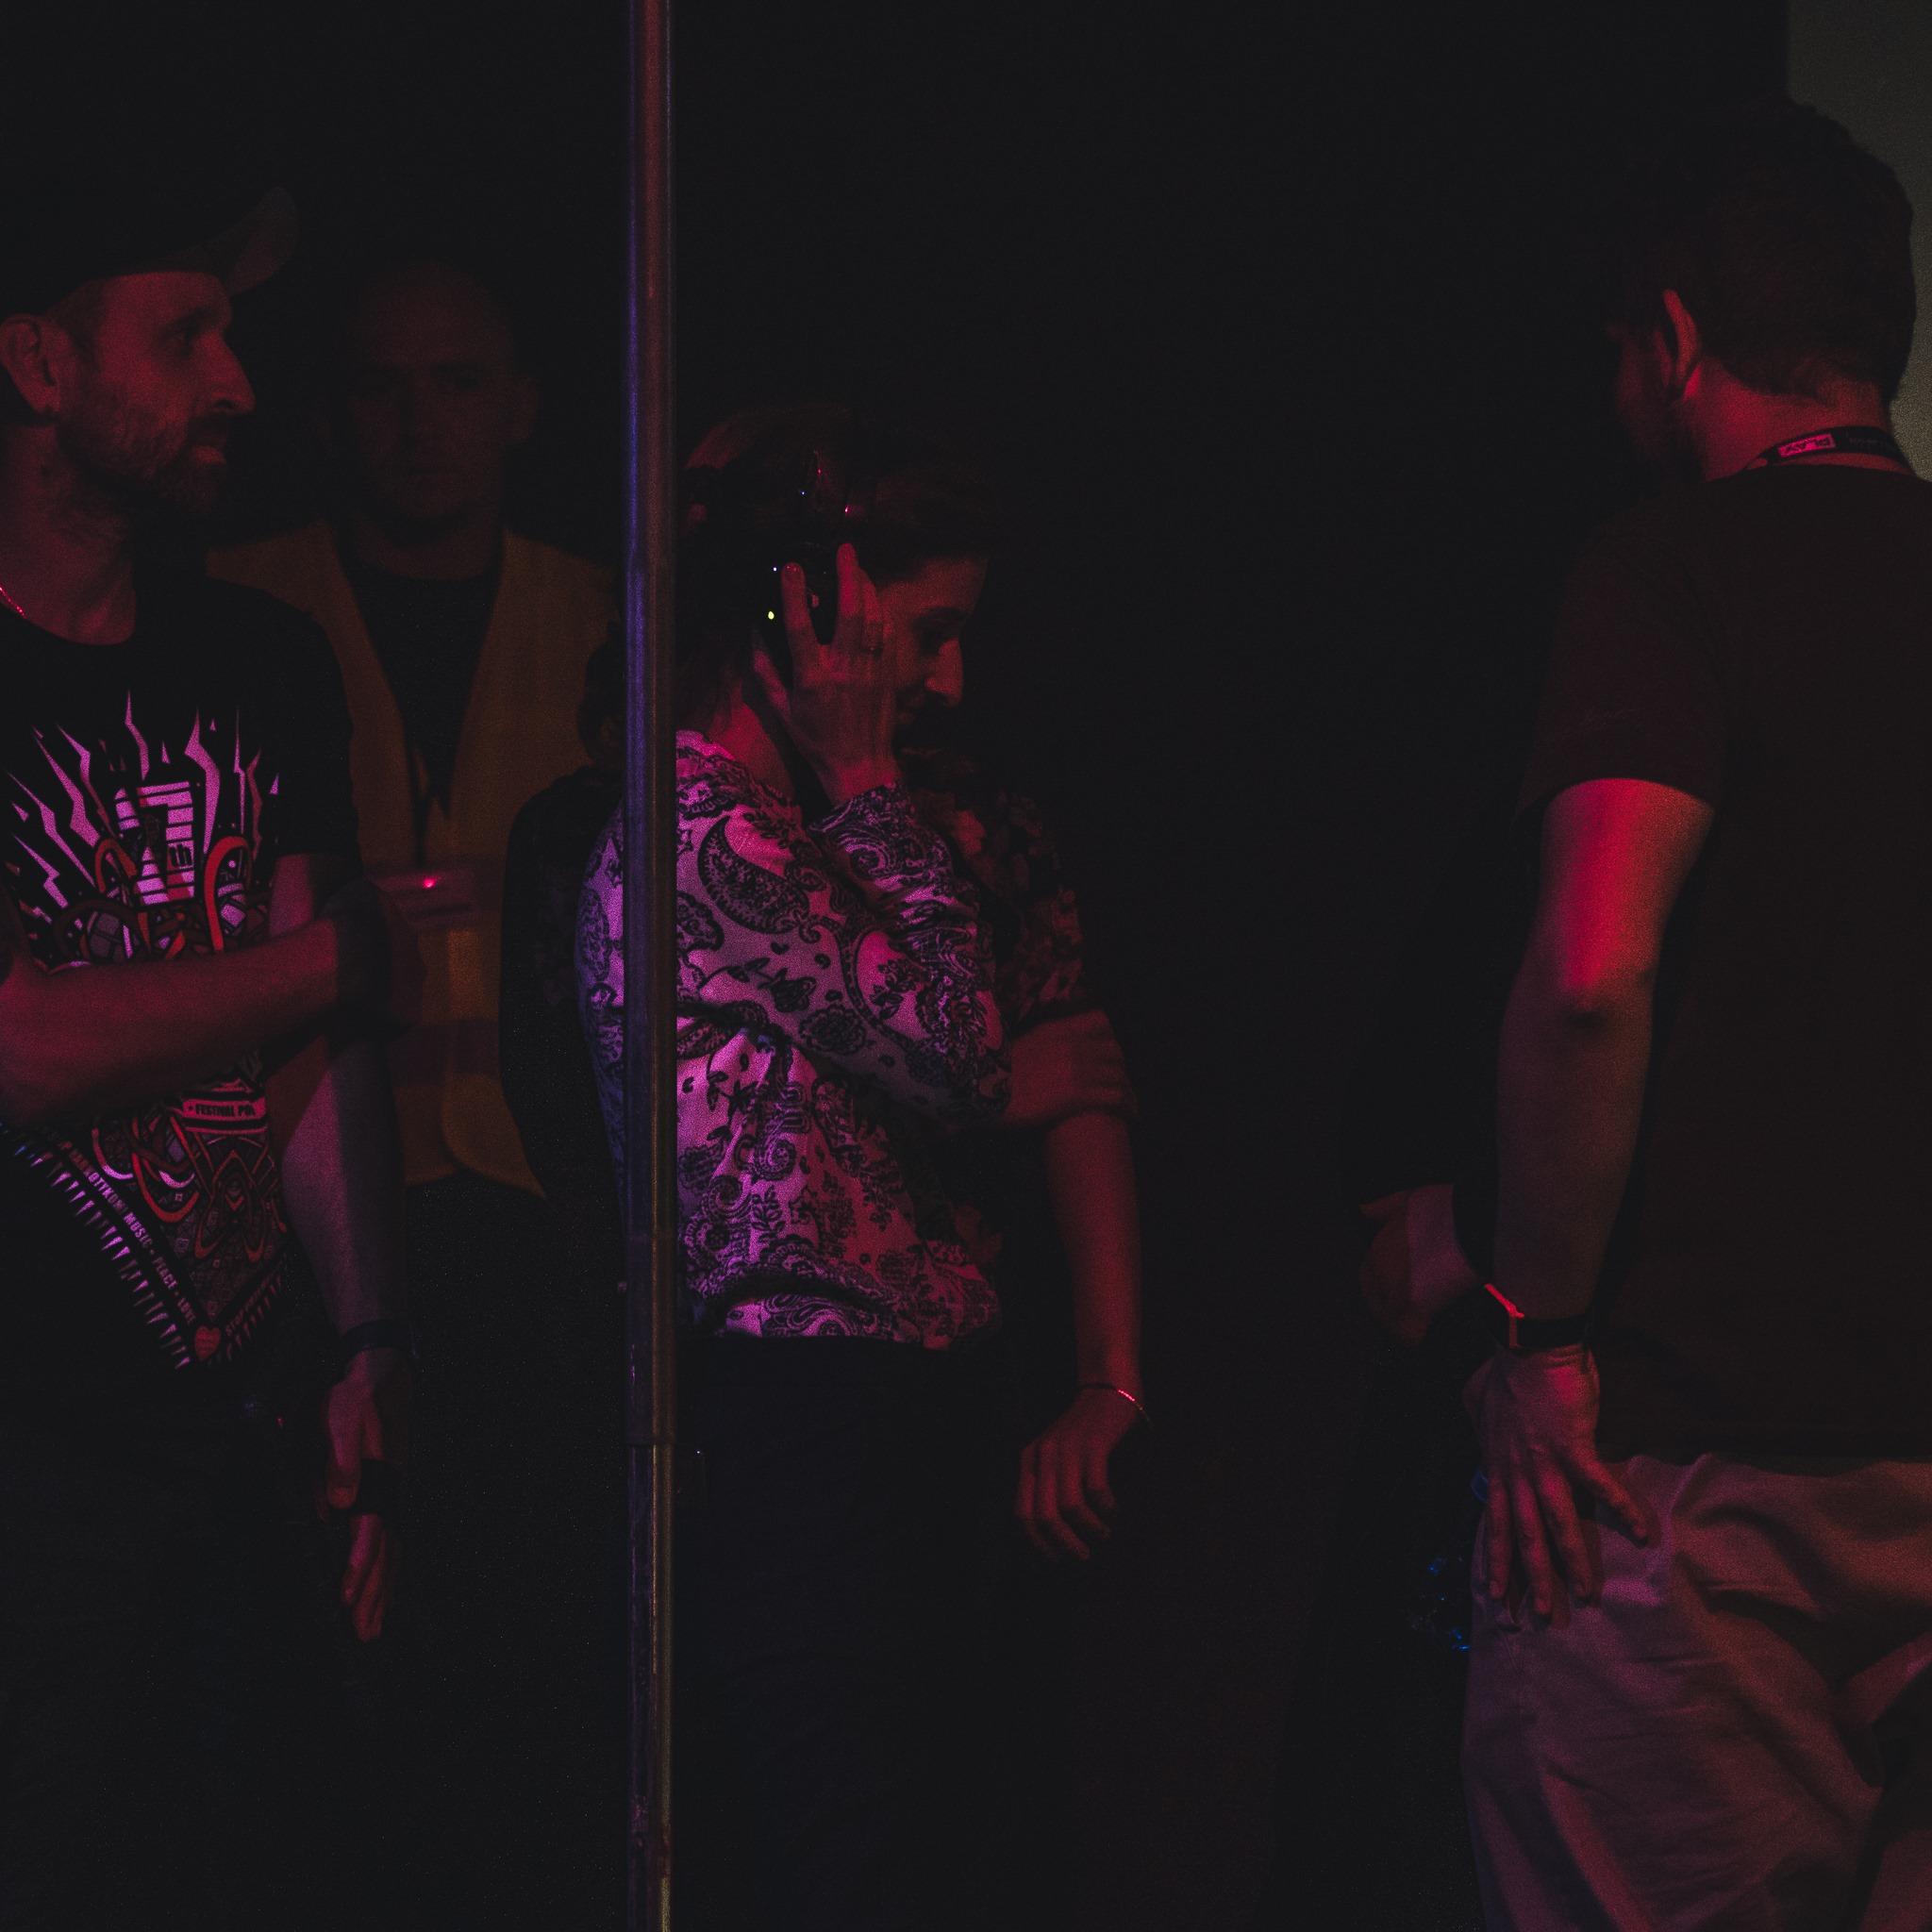 Szalonym Silent Discozakończyła się piątkowa odsłona Nocy Kultury.